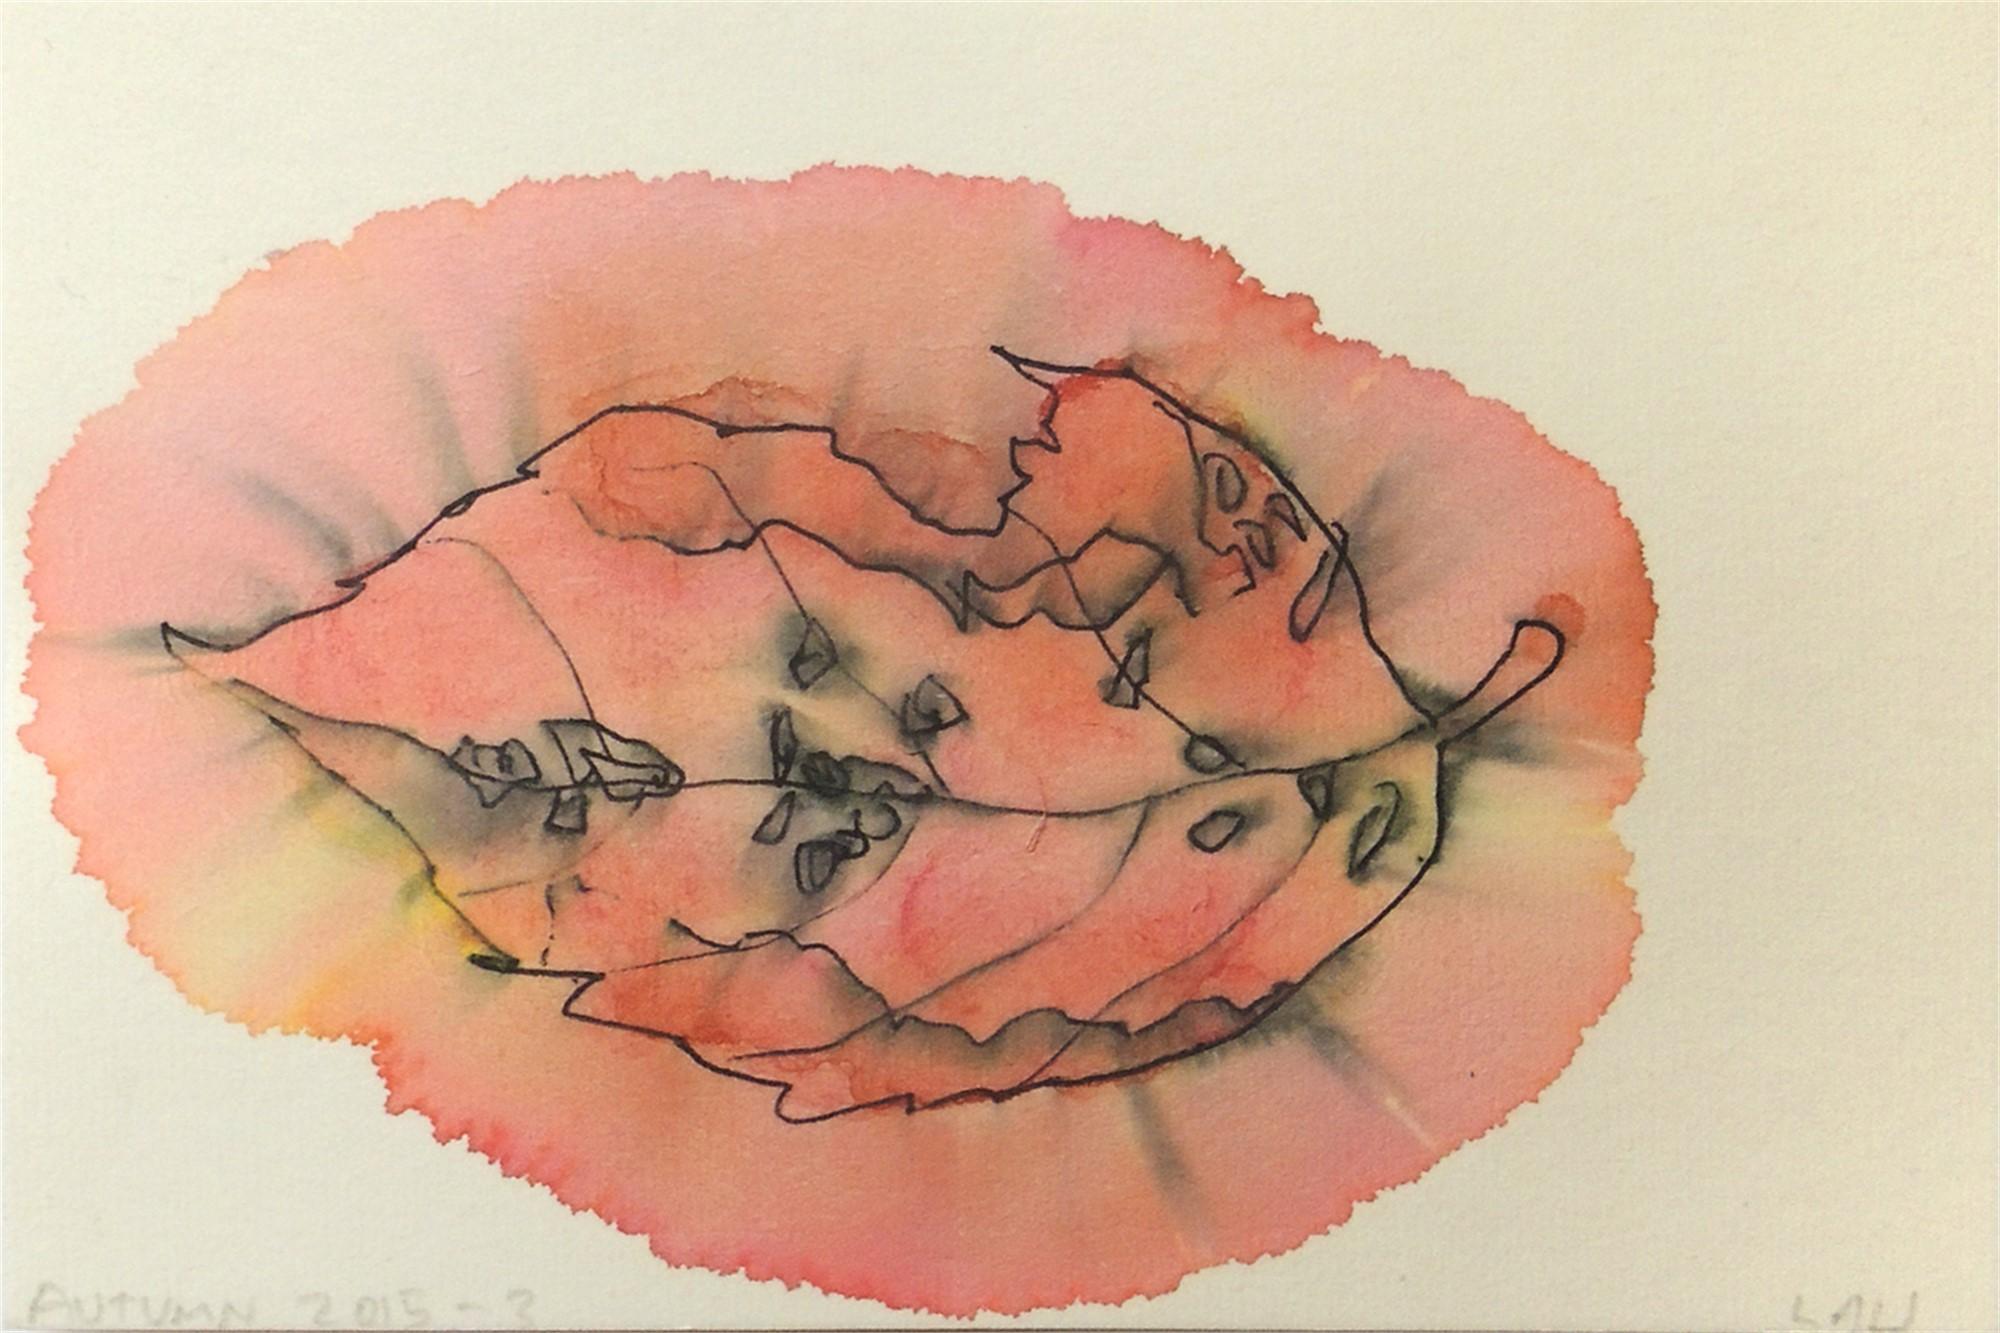 autumn-2015-3 by Alan Lau